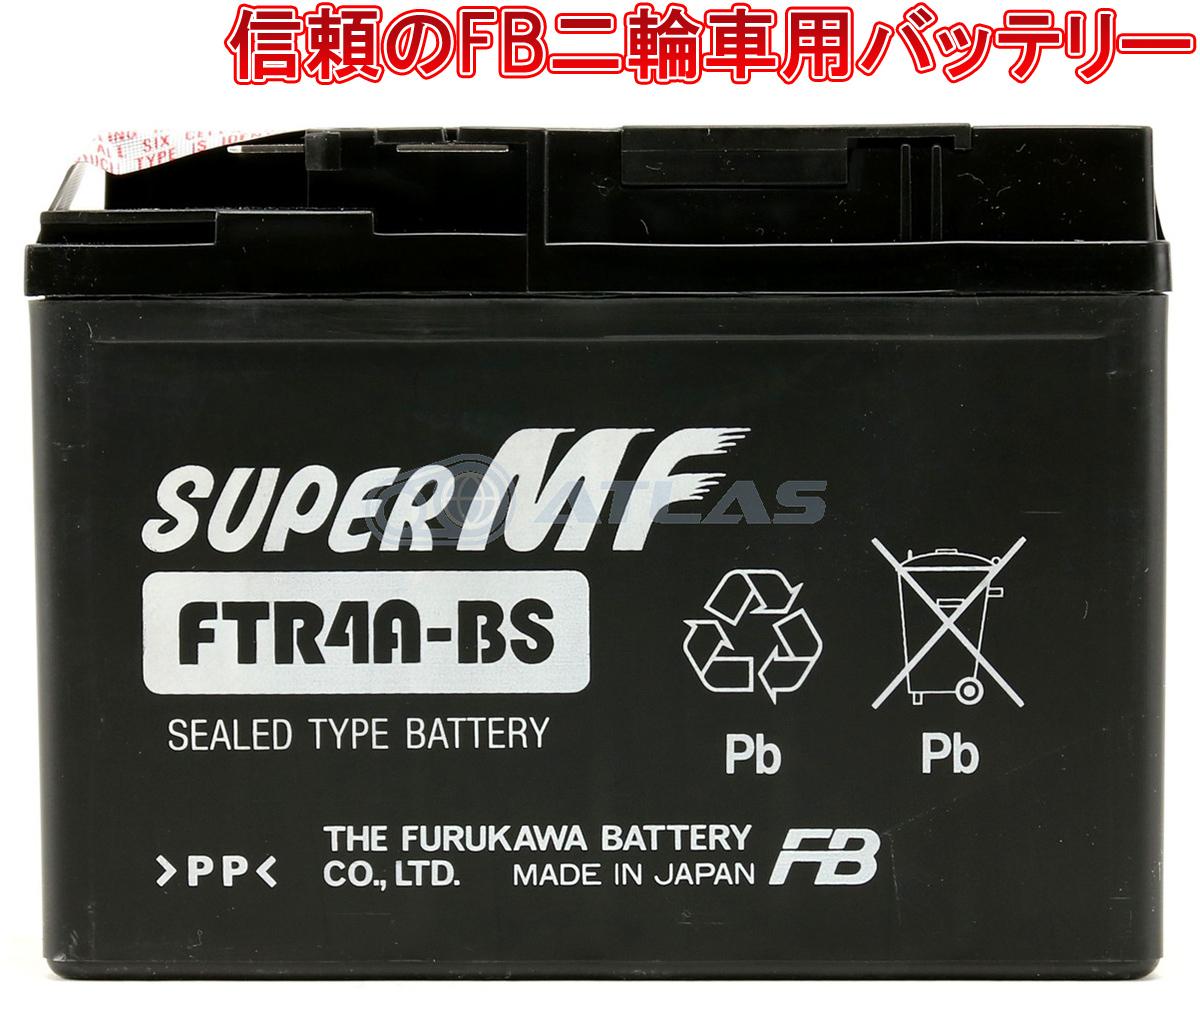 安心の国内正規品 メーカー保証付き LINE友だちクーポン発行中 バイク バッテリー古河電池 FURUKAWA BATTERY メーカー1年保証付き SALE 互換バッテリーYTR4A-BS 液入り充電済み FTR4A-BS DTR4A-BS 賜物